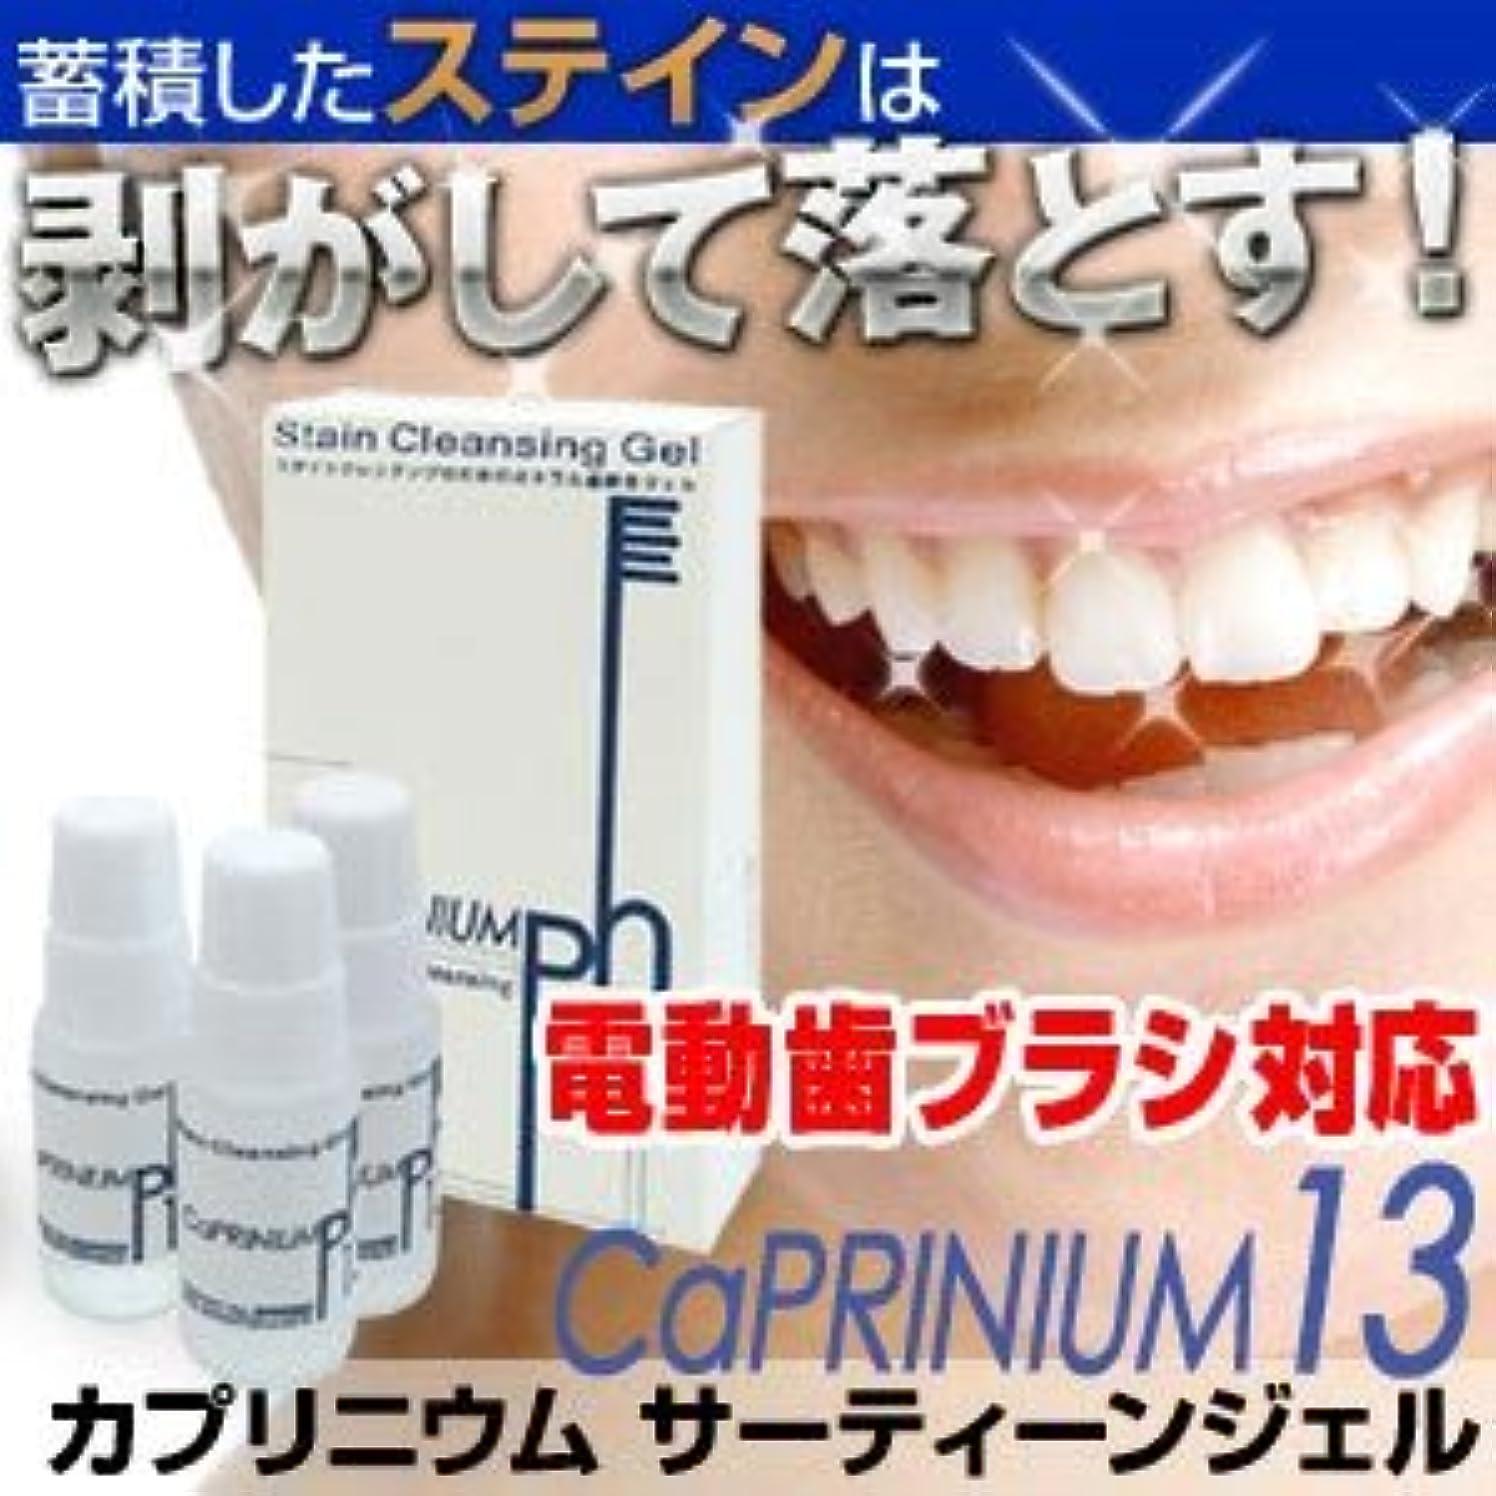 くつかむラボカプリニウム サーティーンジェル(CaPRINIUM 13) 新発想のホワイトニング歯磨きジェル